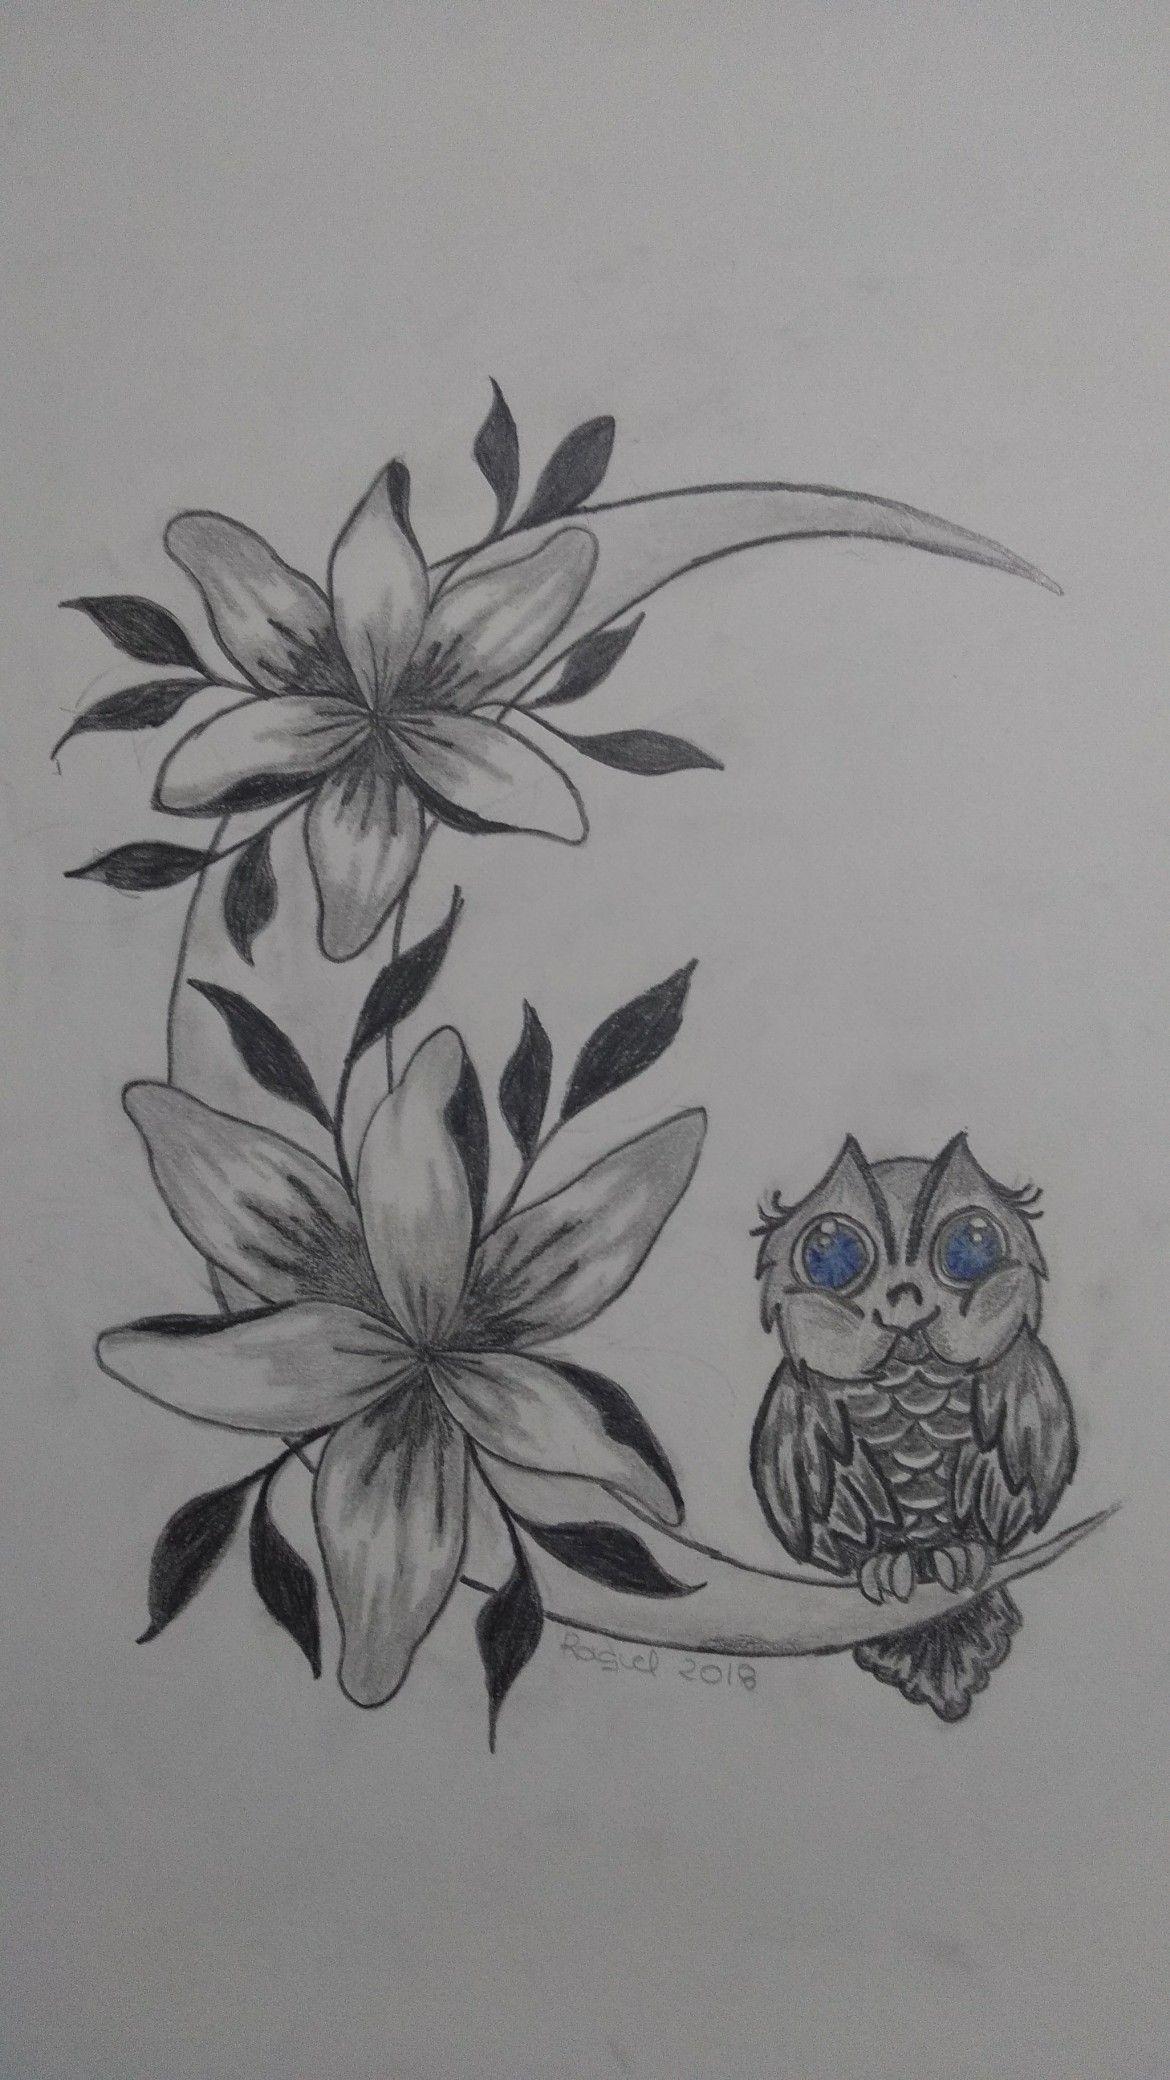 Dibujo A Lapiz Luna Con Flores Y Buhito Dibujos Flores A Lapiz Flores Dibujadas A Lapiz